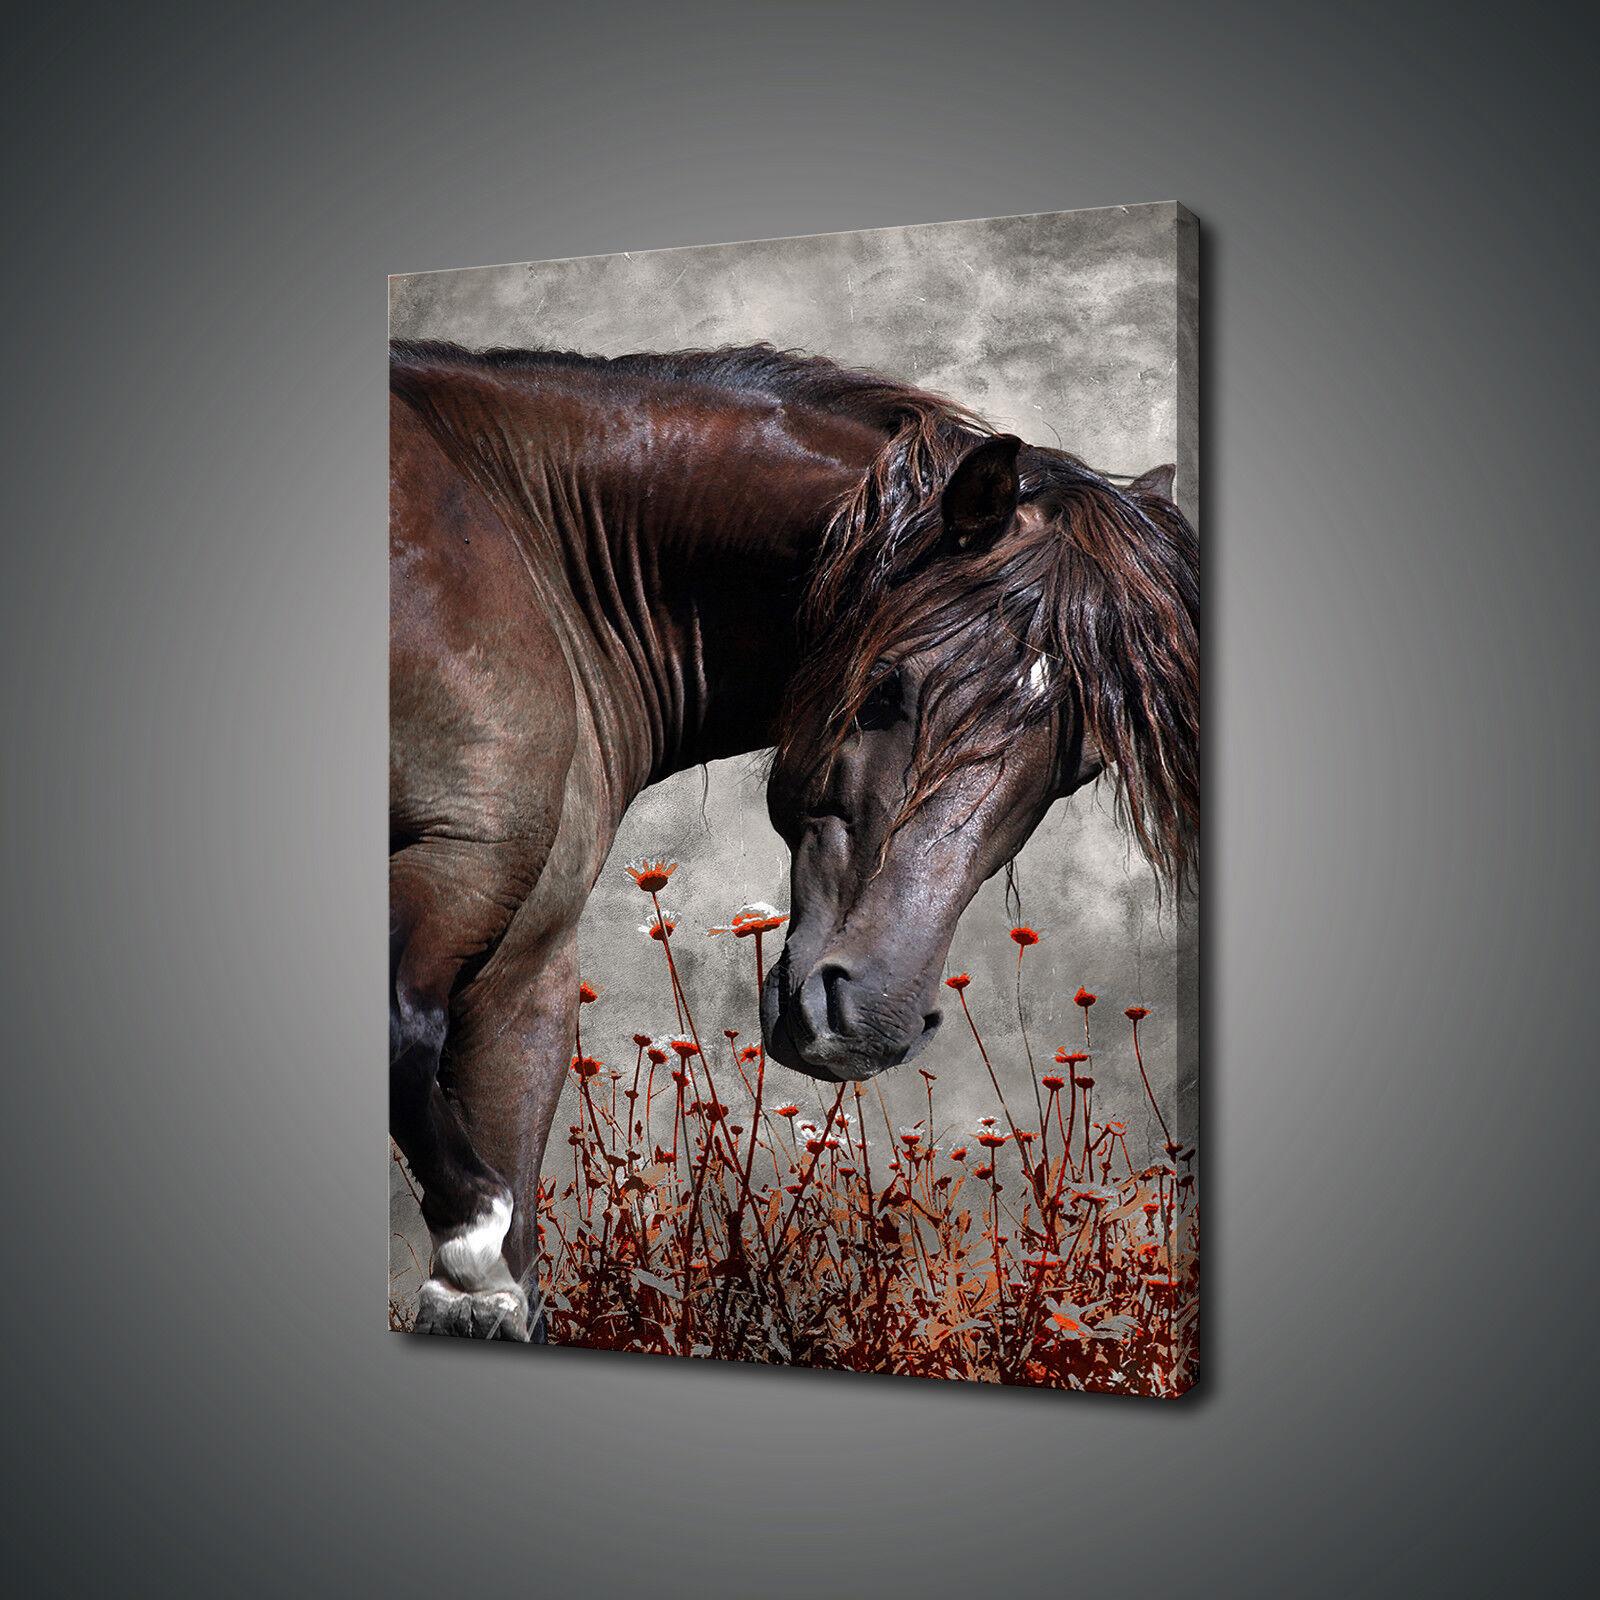 BELLISSIMO cavallo Marroneee fiori stampa tela Wall Art Picture Foto